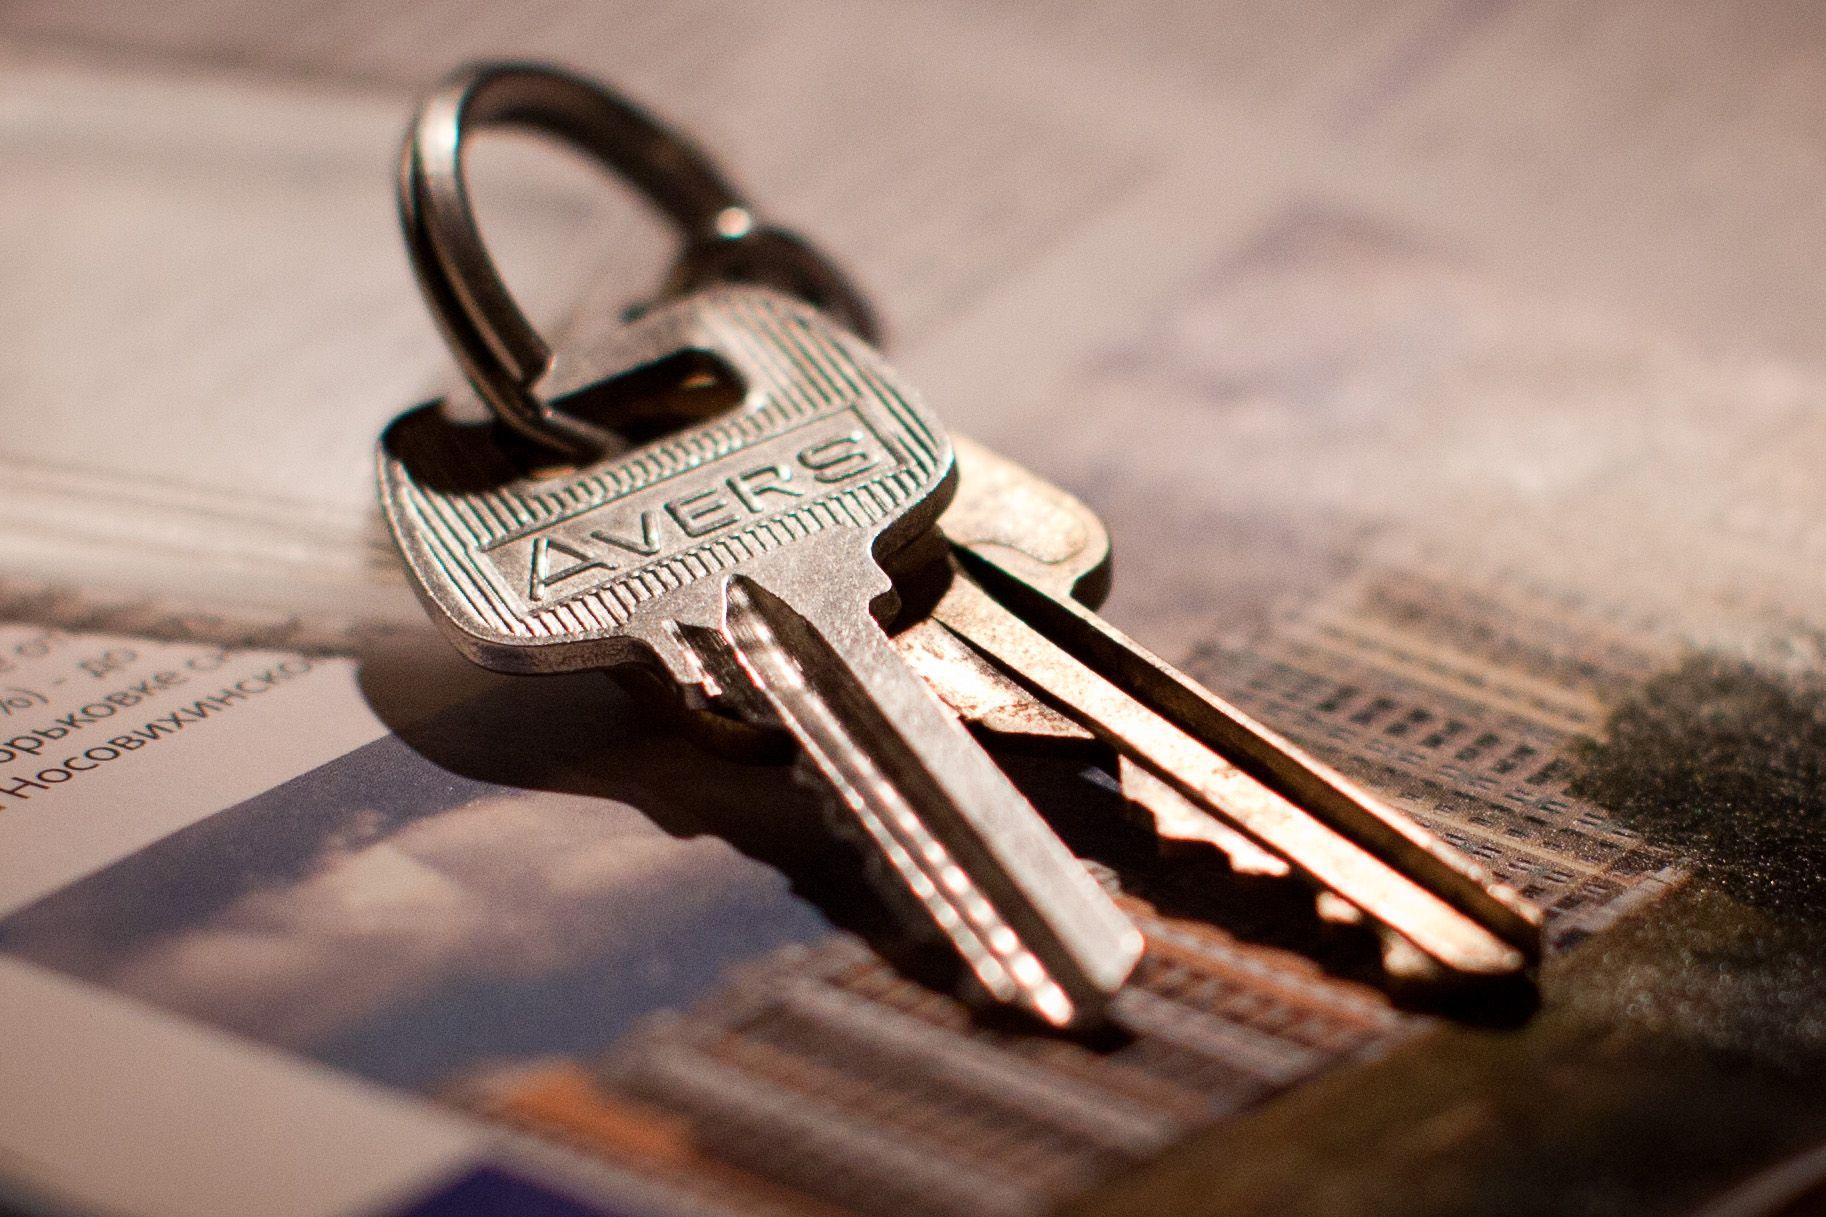 Нацбанк: Поддержка ипотечных заемщиков не потребует выделения средств- Kapital.kz